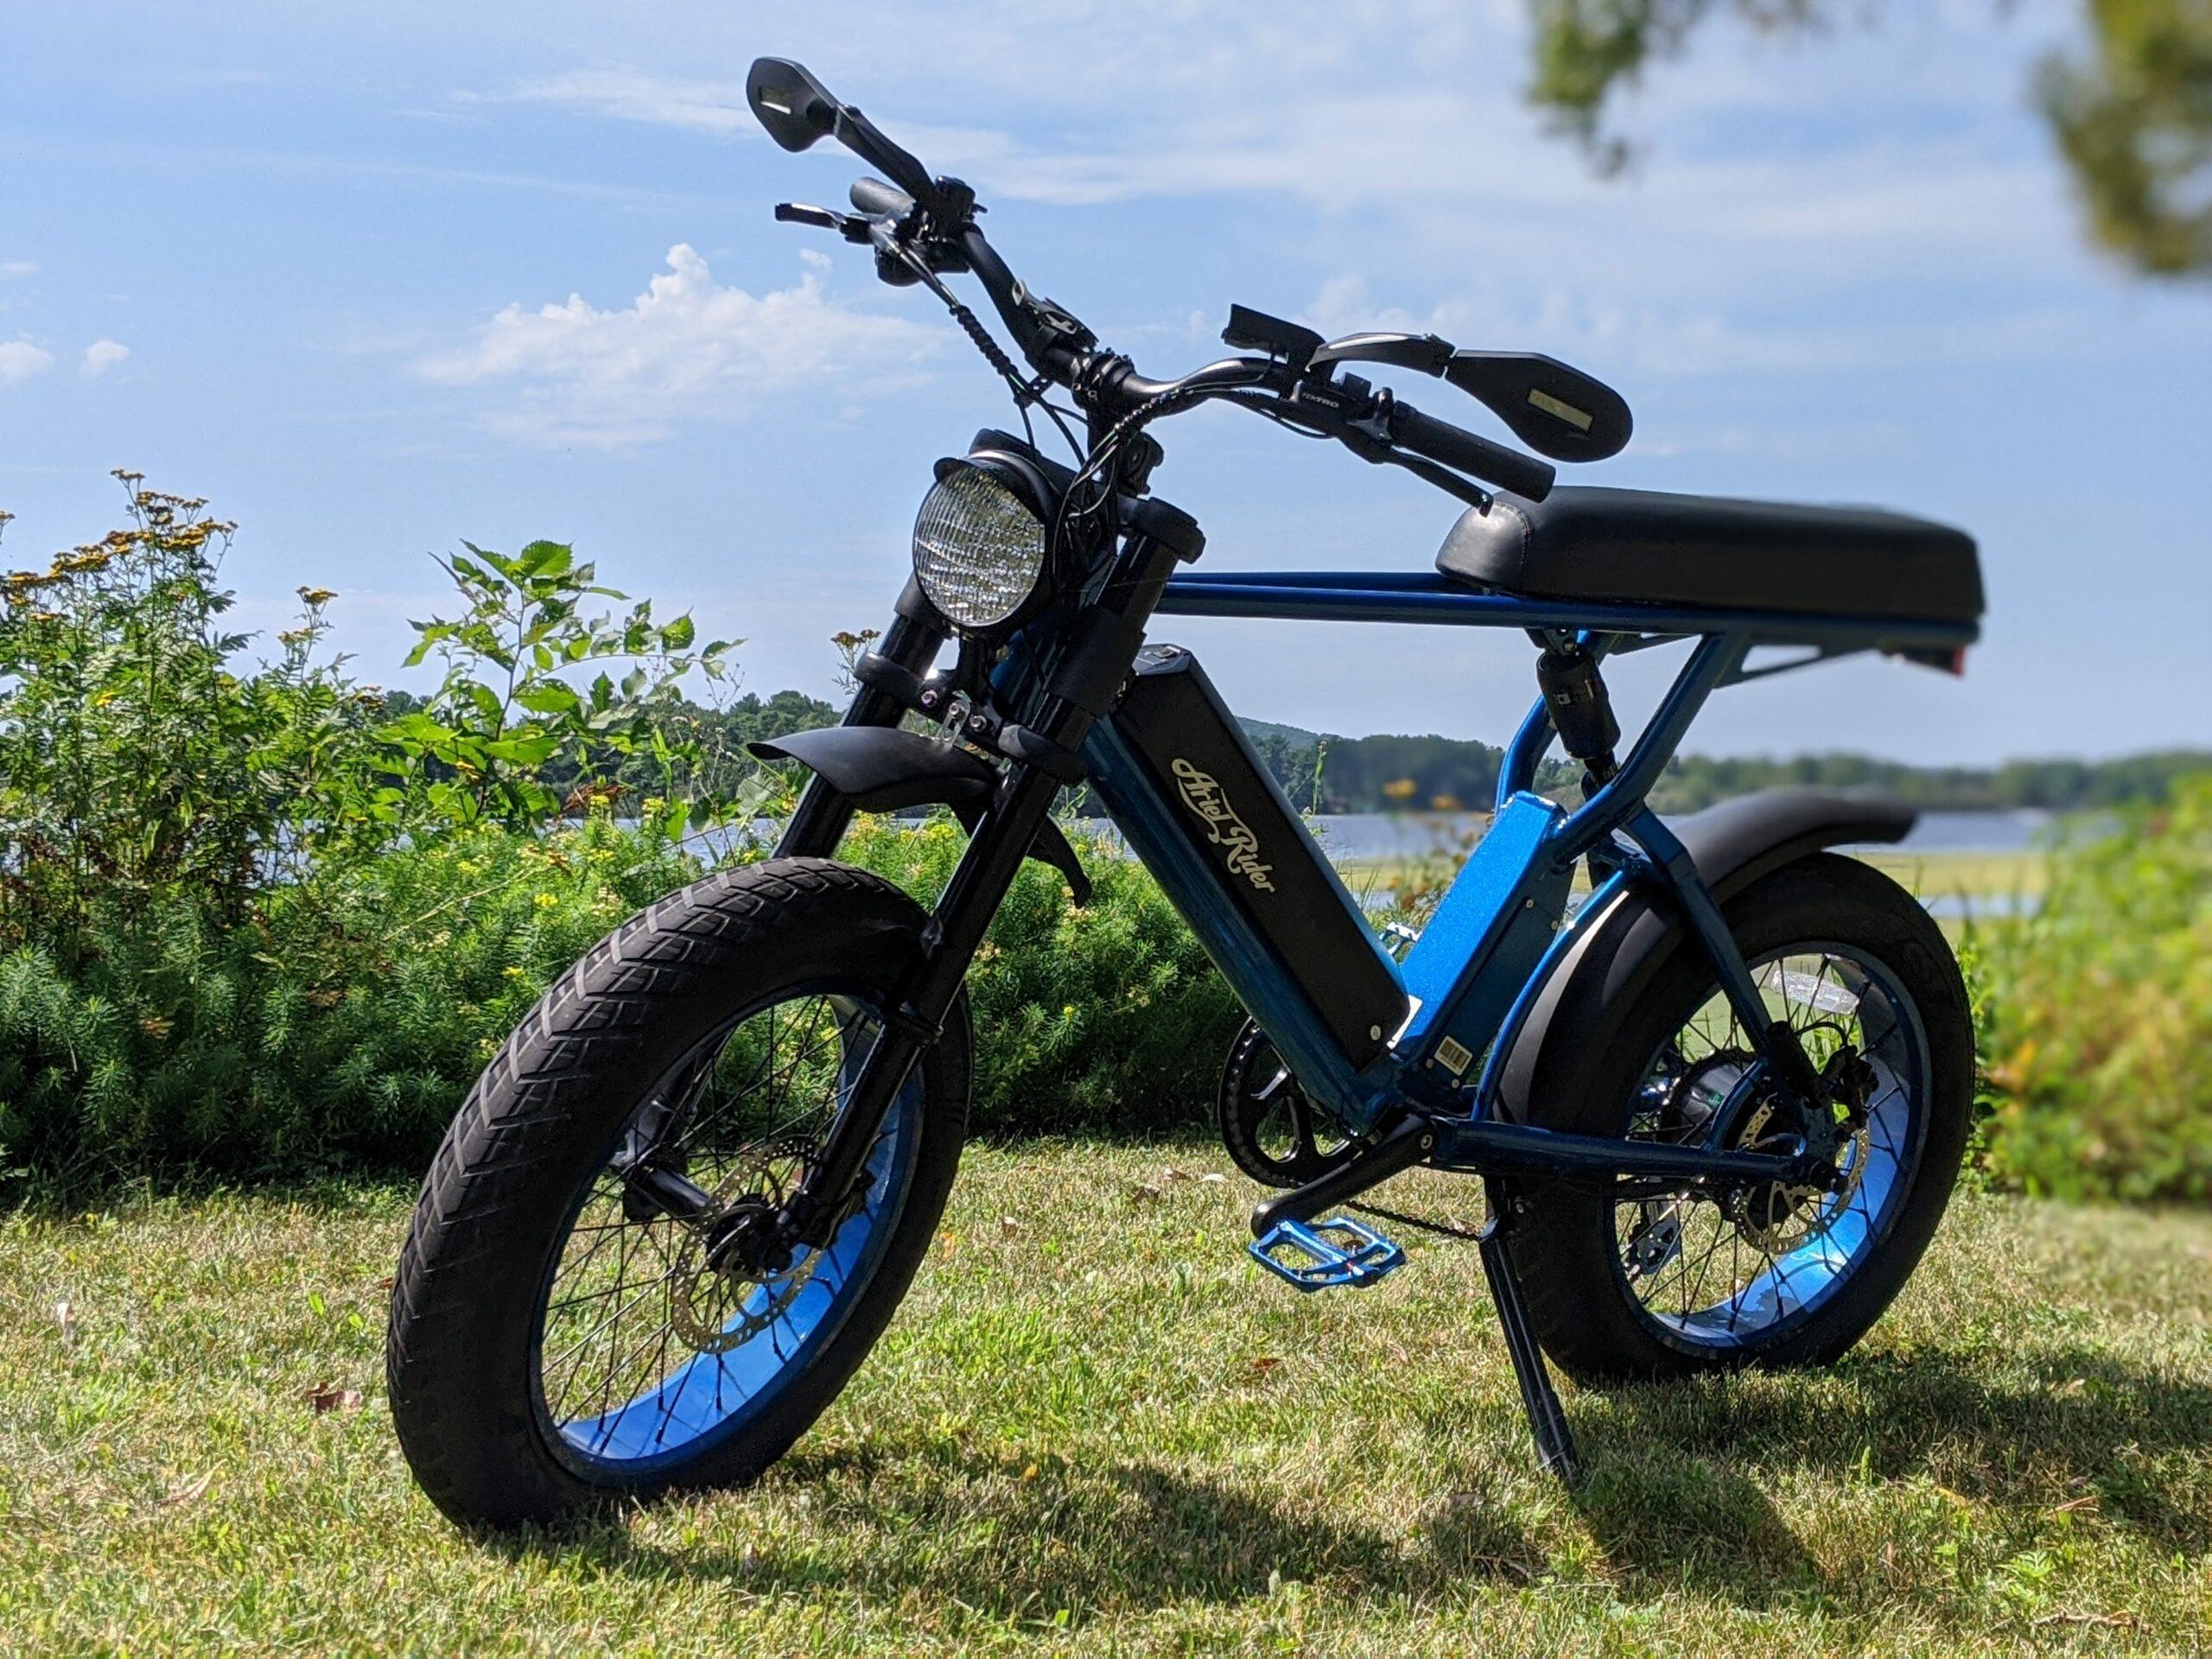 Ariel Rider X-Class Review - Blue